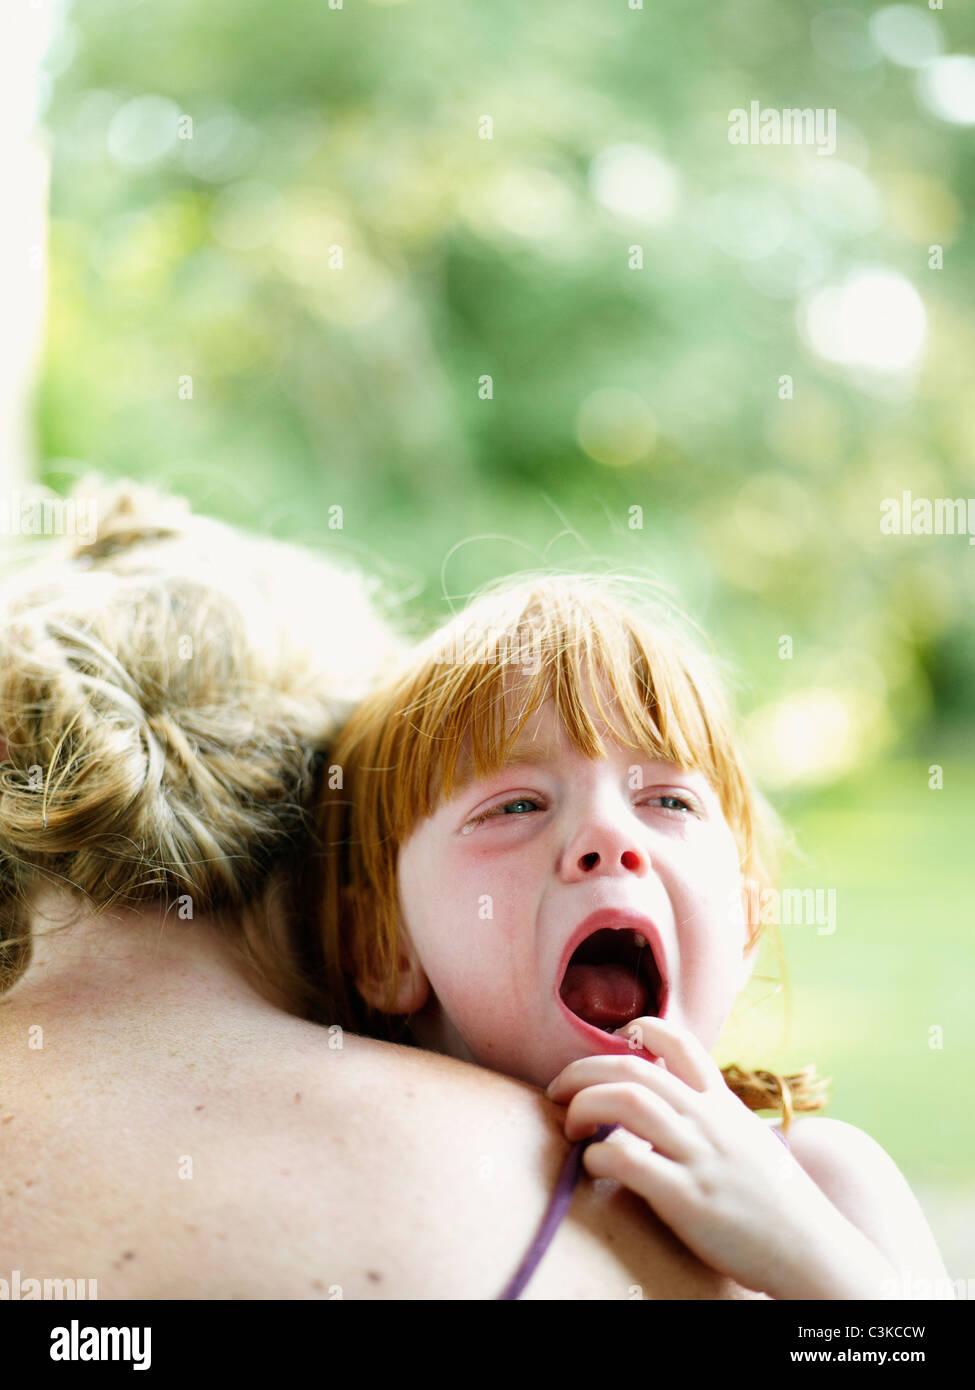 Hija de madre consoladora llorar Imagen De Stock